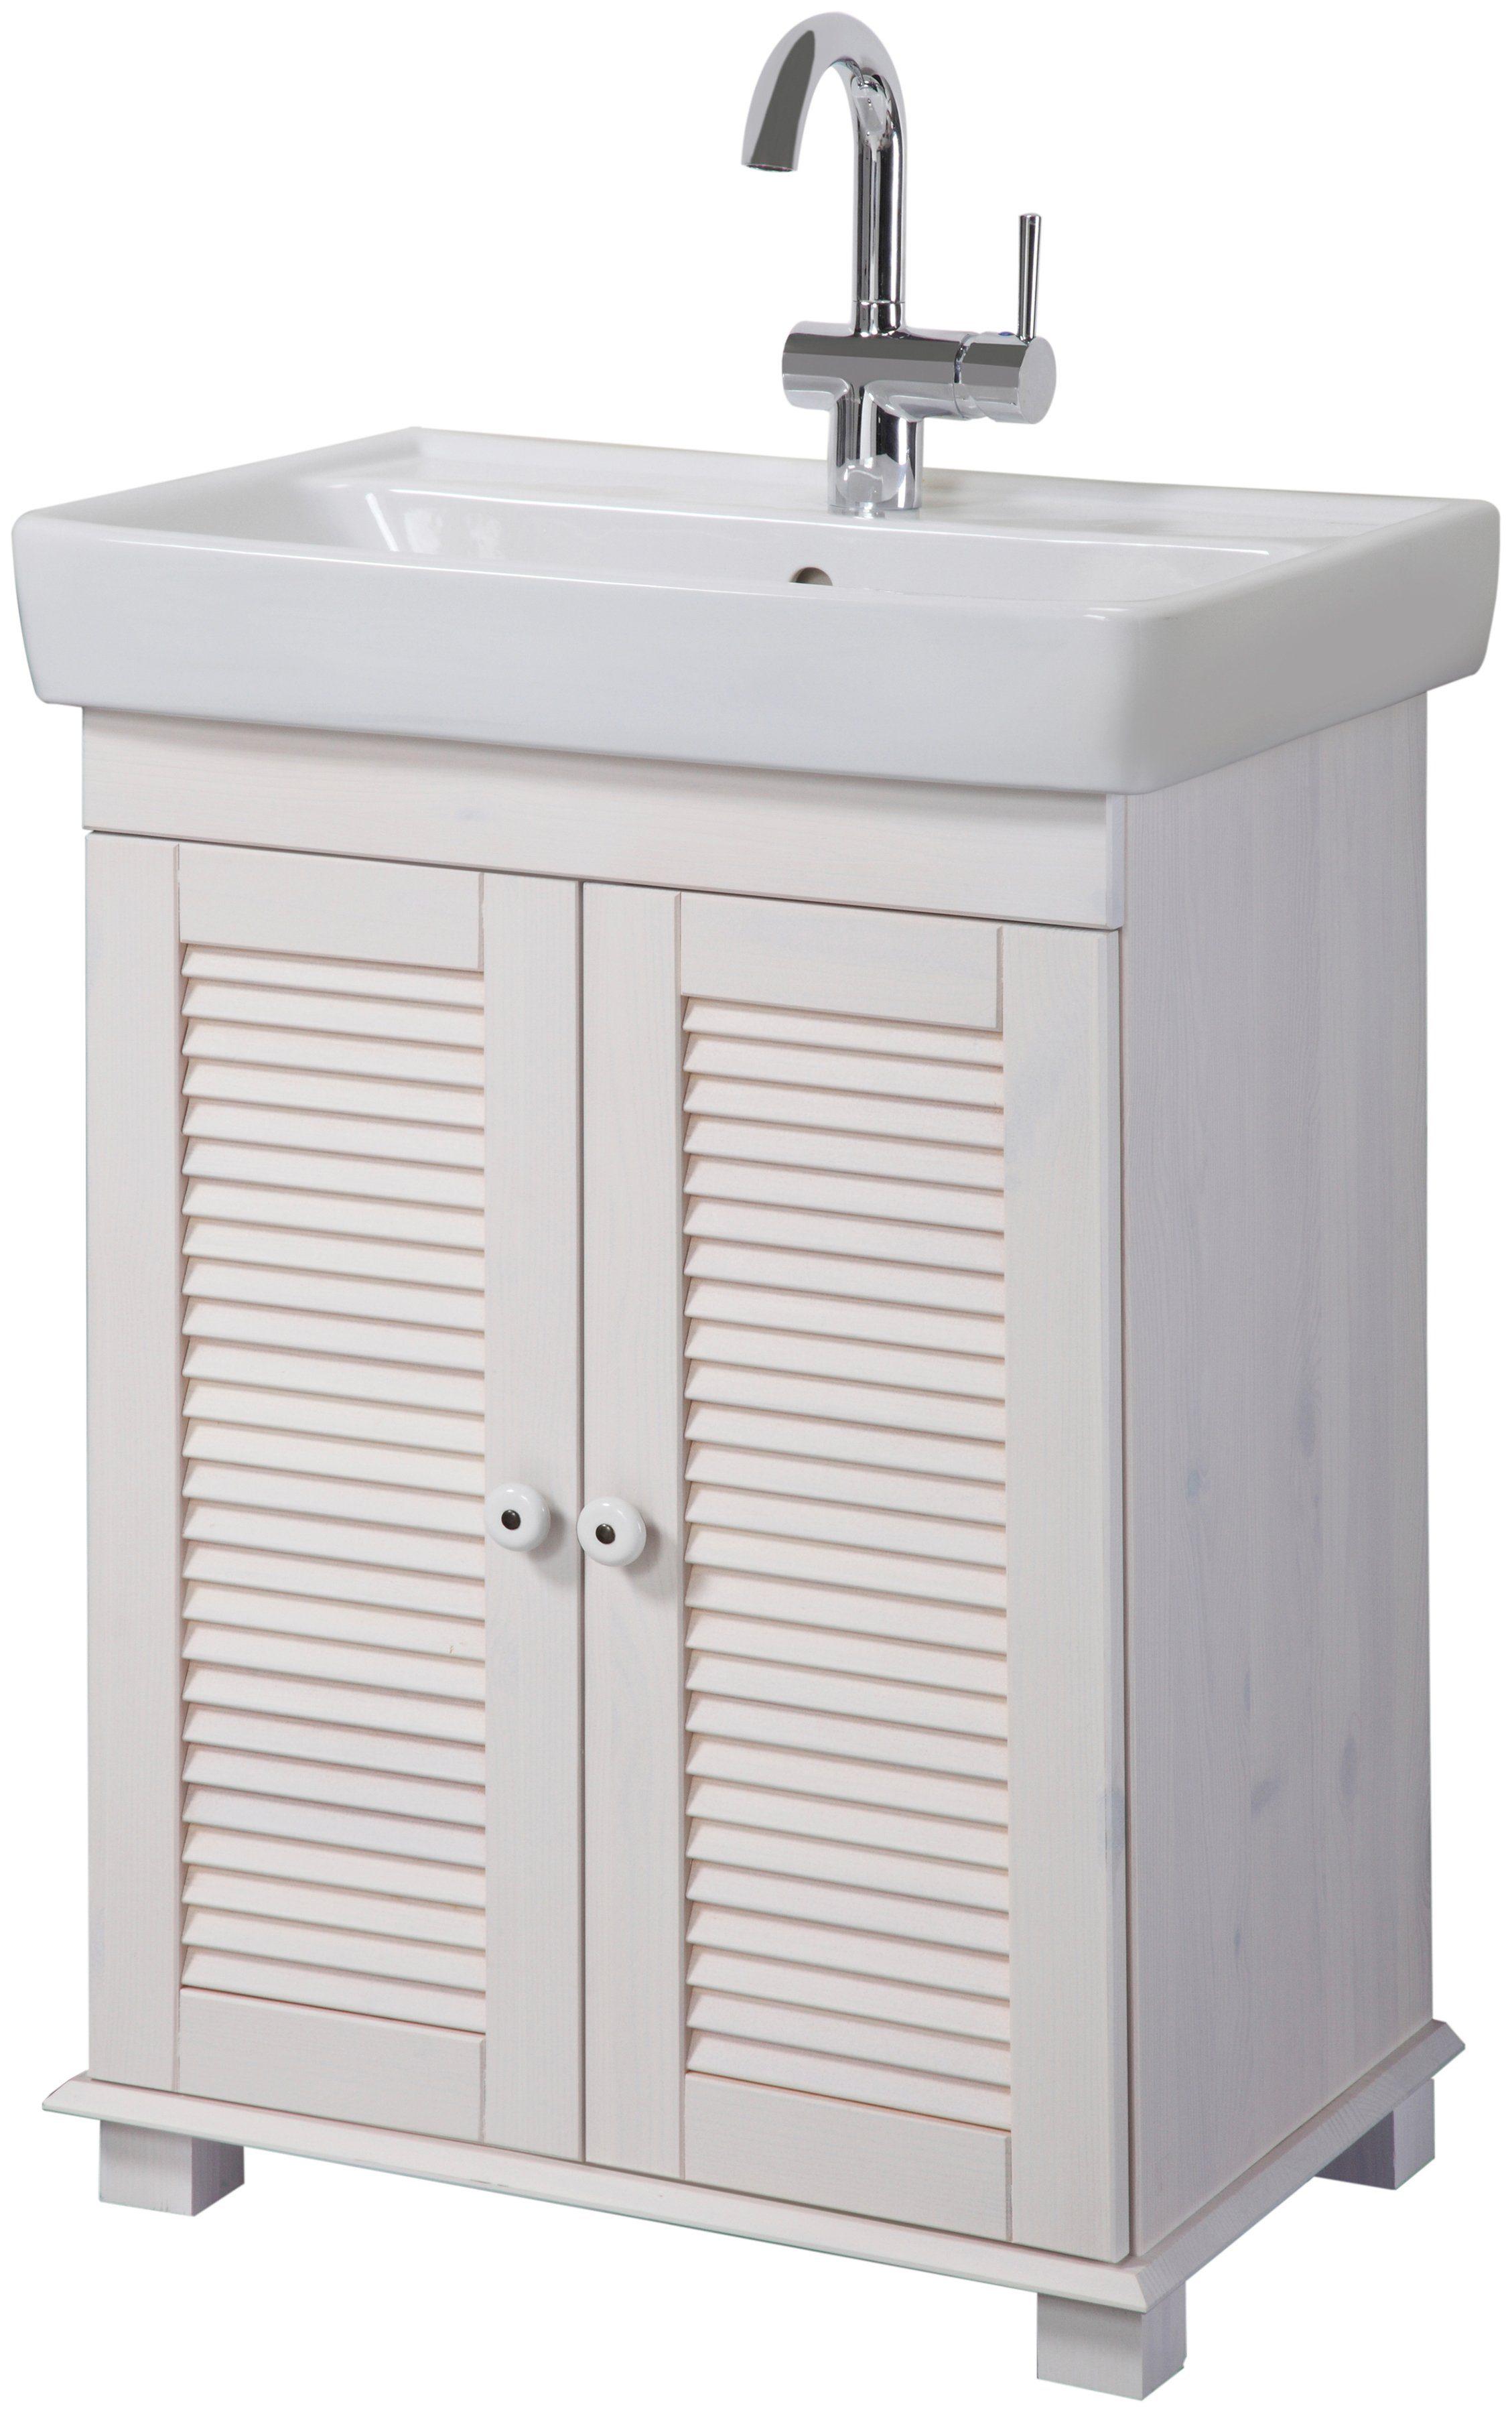 KONIFERA Waschtisch »Sund«, Breite 53 cm, inkl. Waschbecken